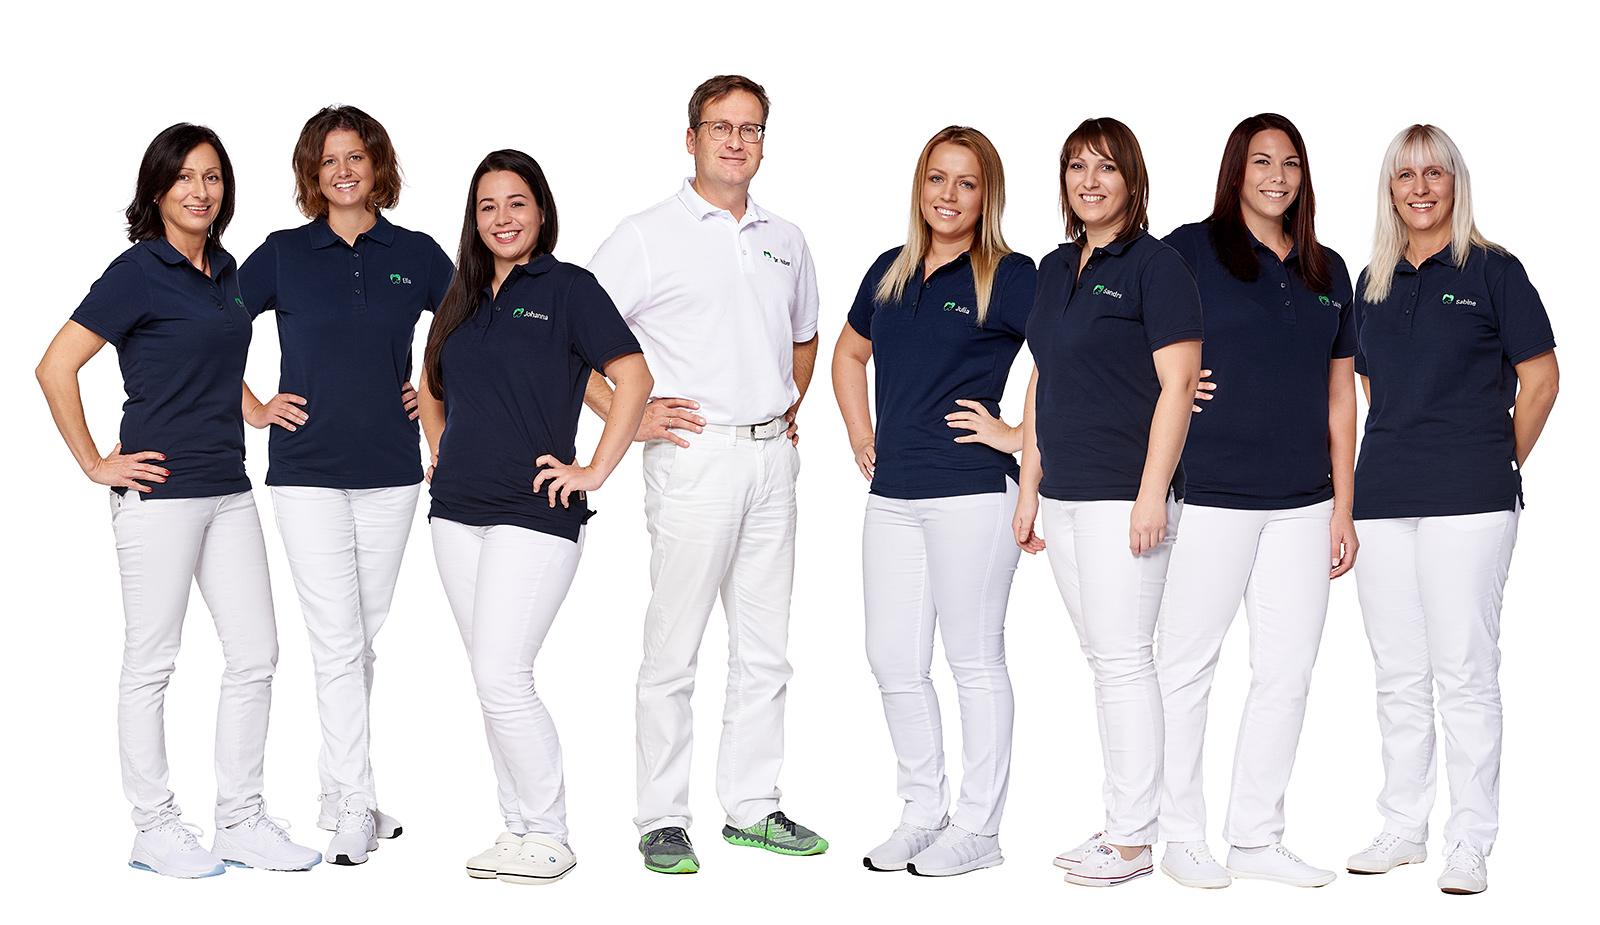 Das Team der Zahnarztpraxis Dr. Huber